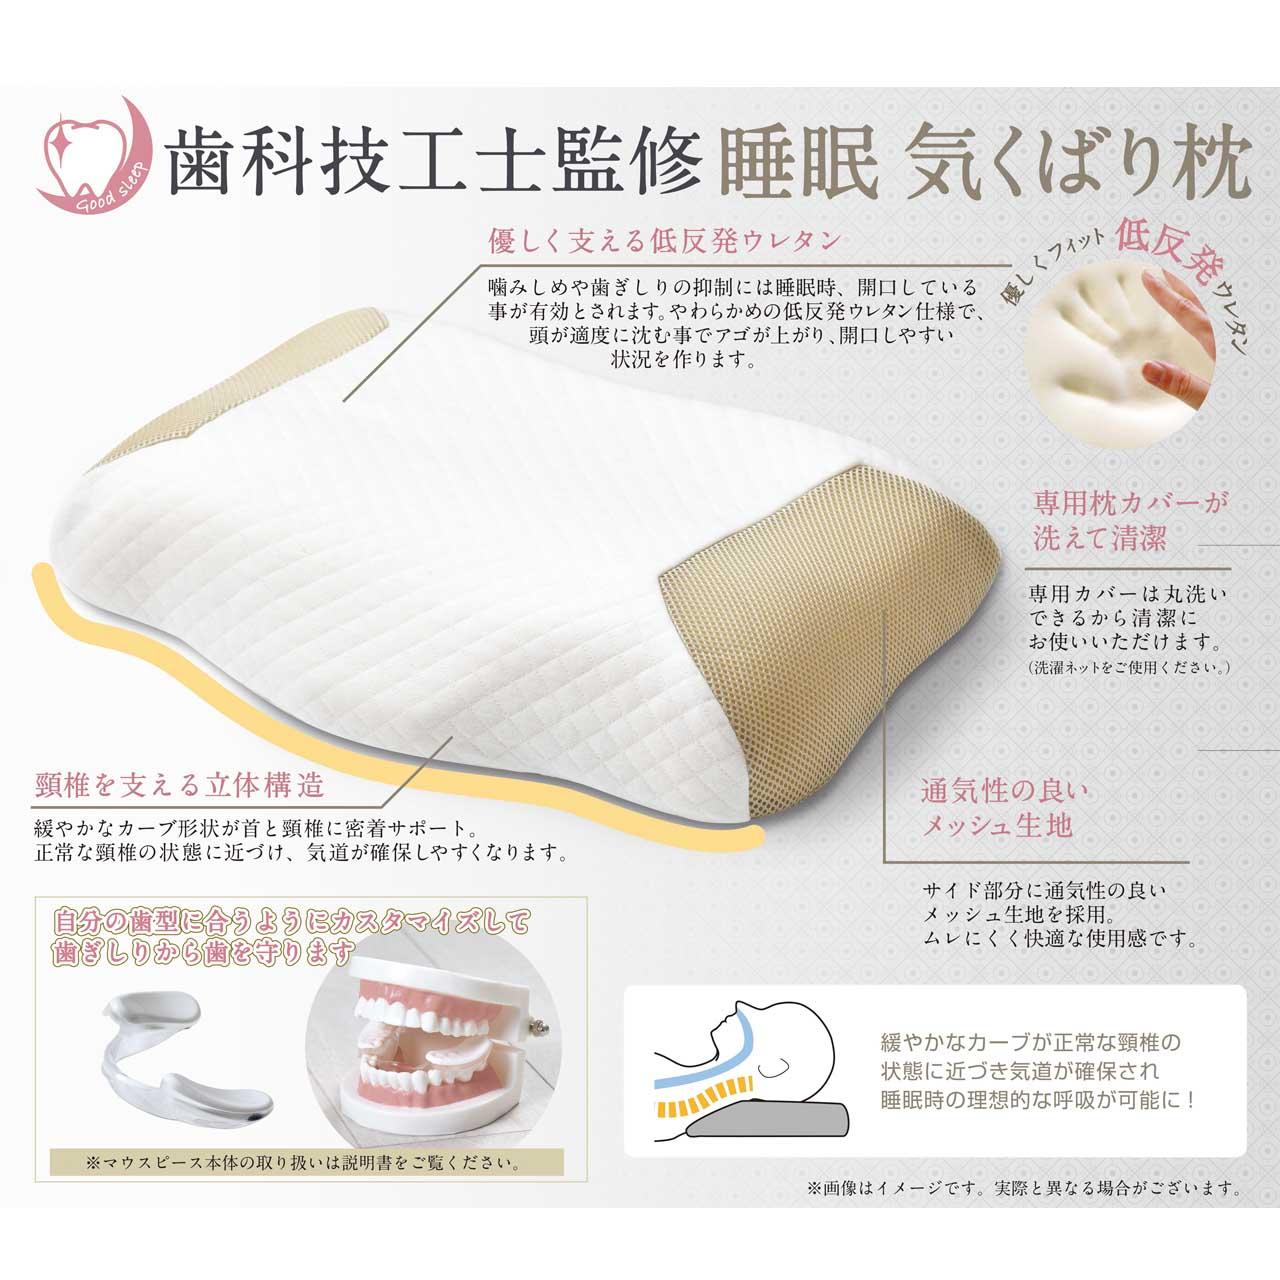 【歯科技工士監修】<br>睡眠気くばりまくら〜歯ぎしり〜